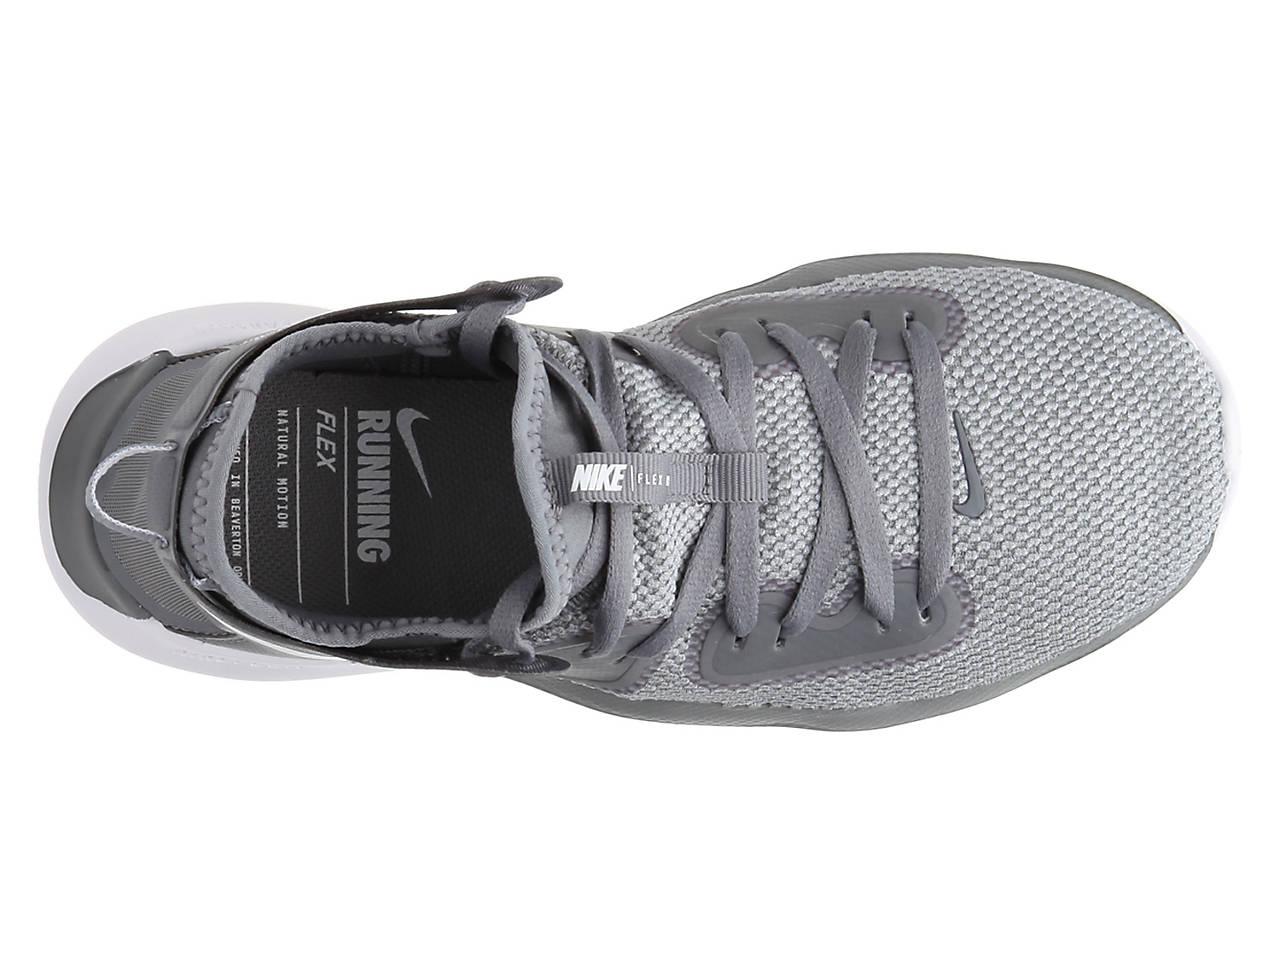 Nike Flex 2019 RN Lightweight Running Shoe Women's Women's